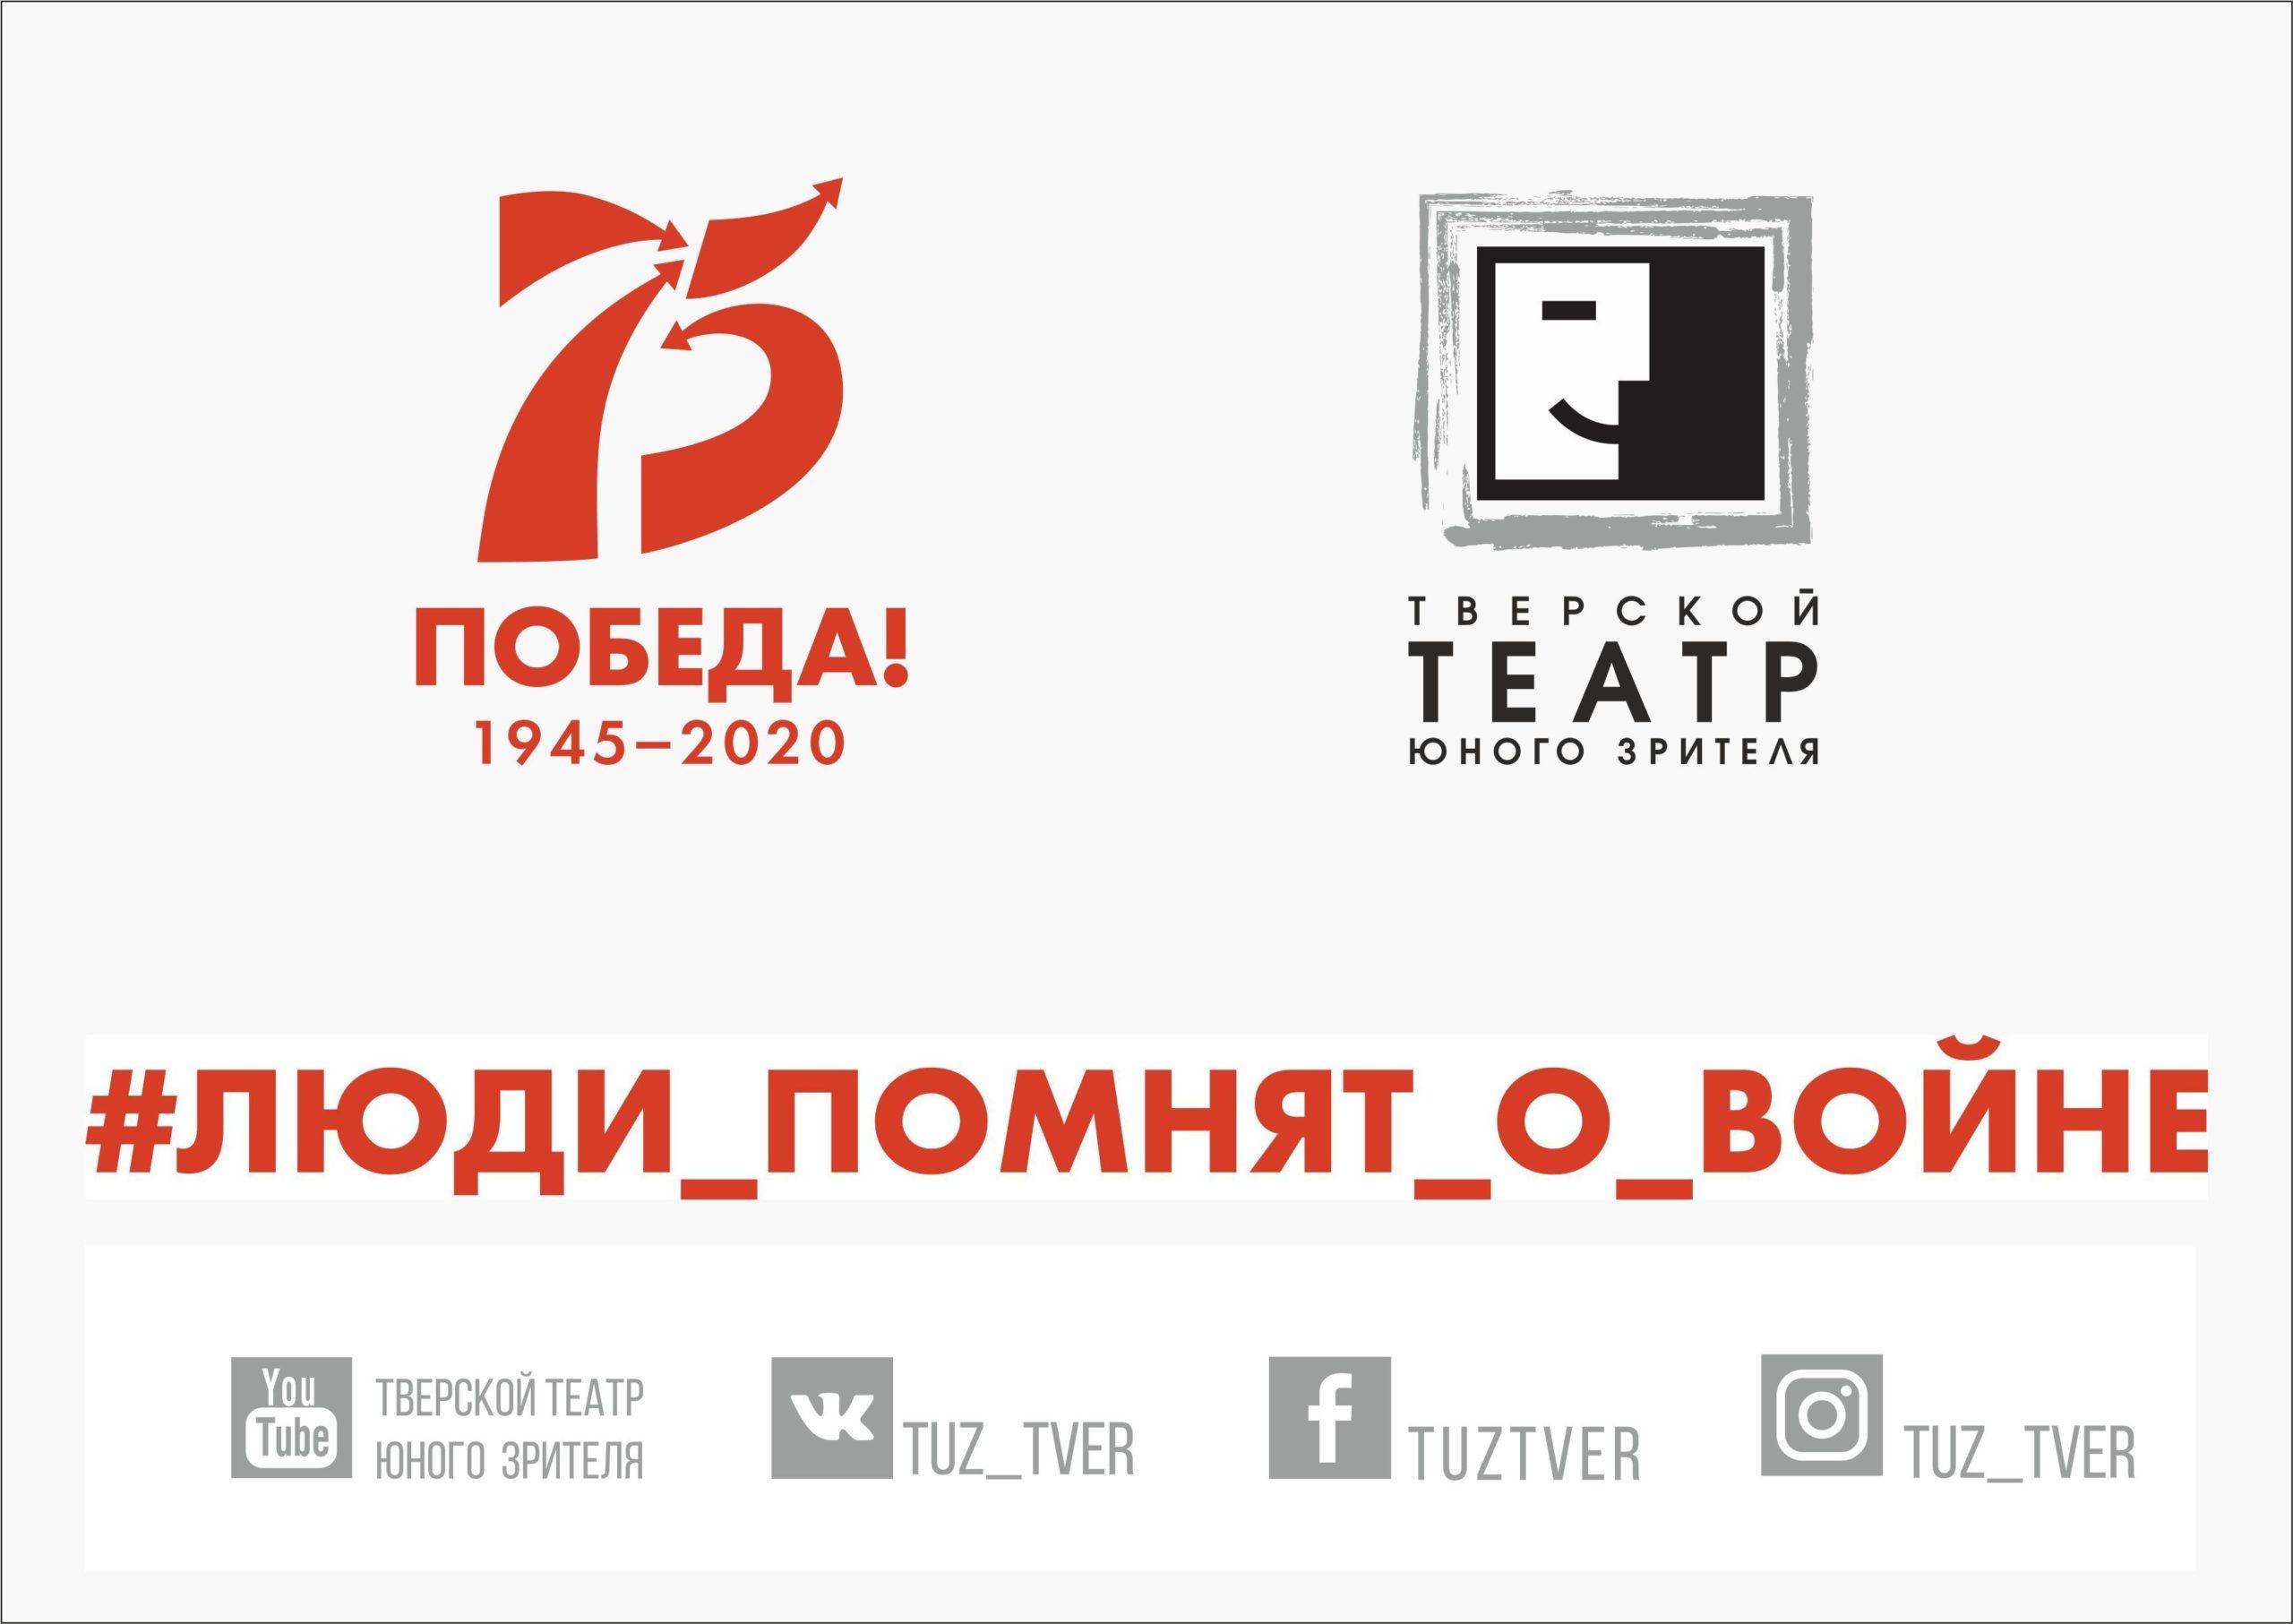 Тверской театр юного зрителя запускает онлайн-проект, посвященный 75-летию Победы